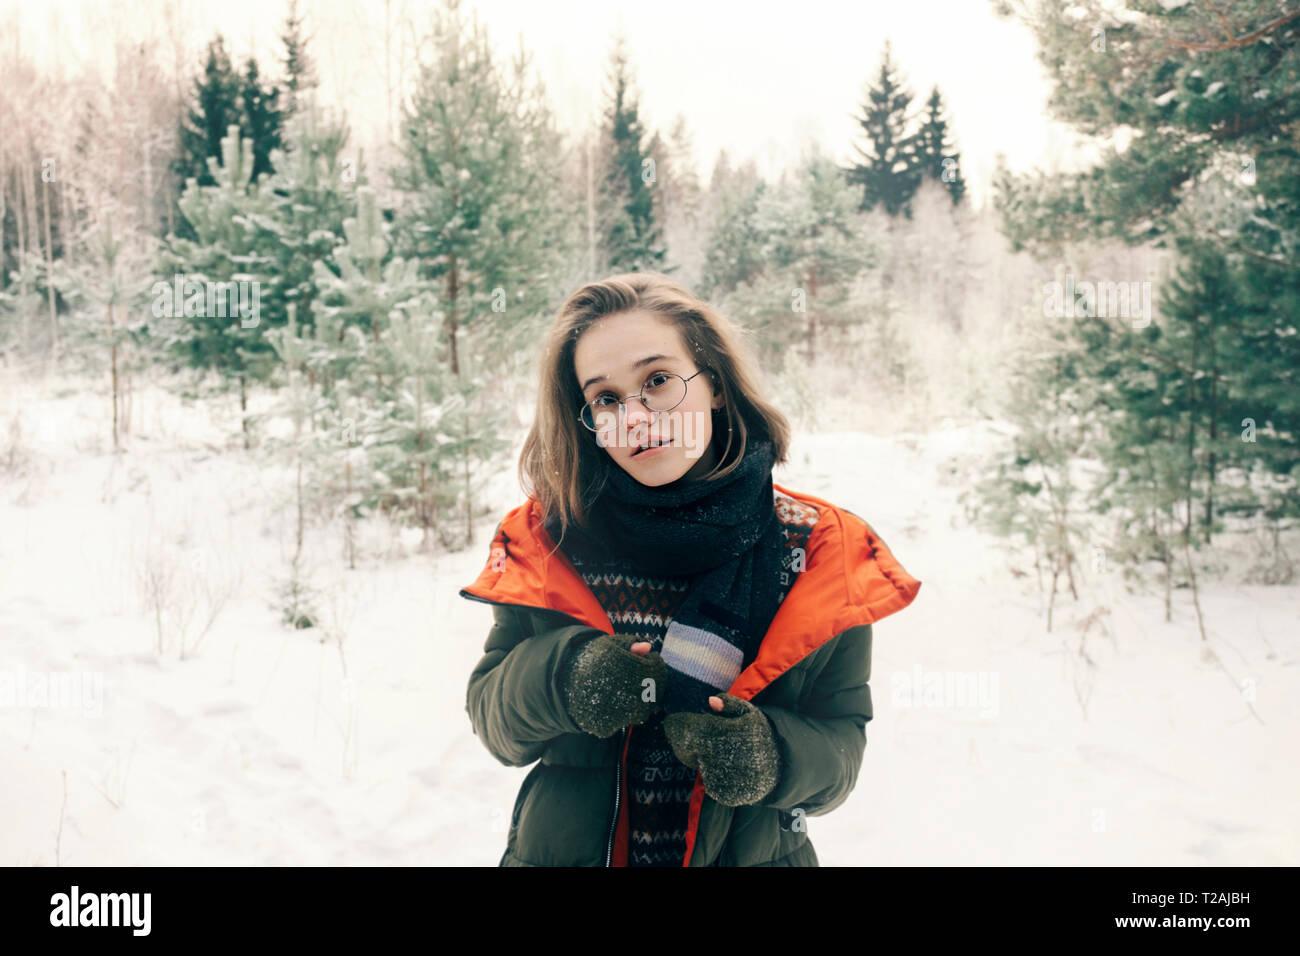 Ragazza con gli occhiali durante il periodo invernale Foto Stock